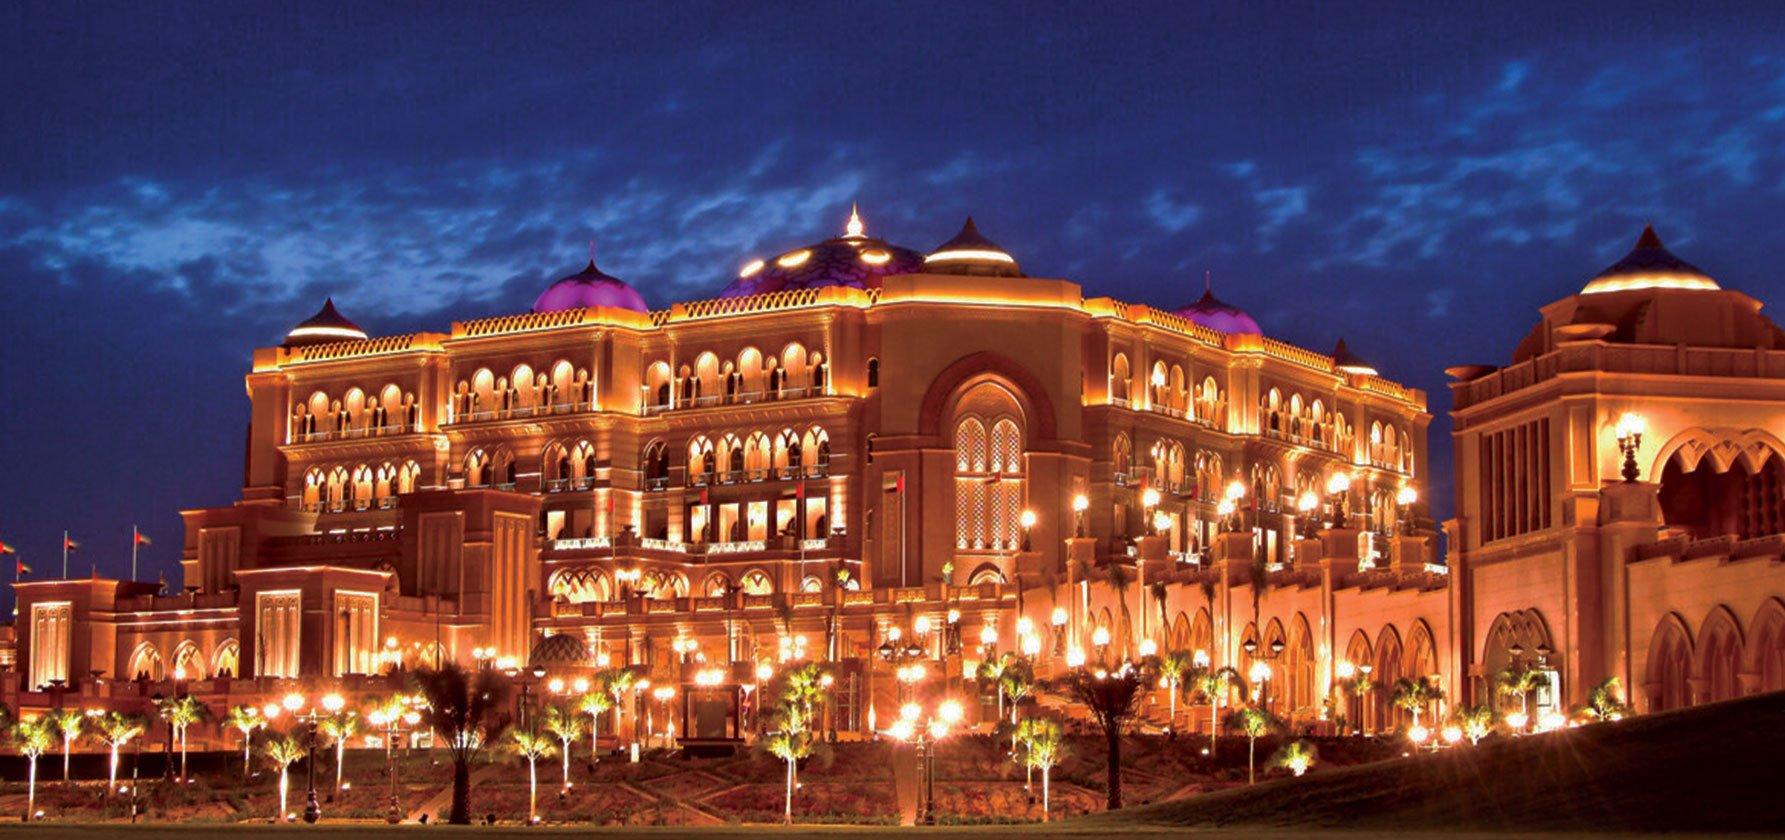 Emirates-Palace-_-Abu-Dhabi,-UAE-1